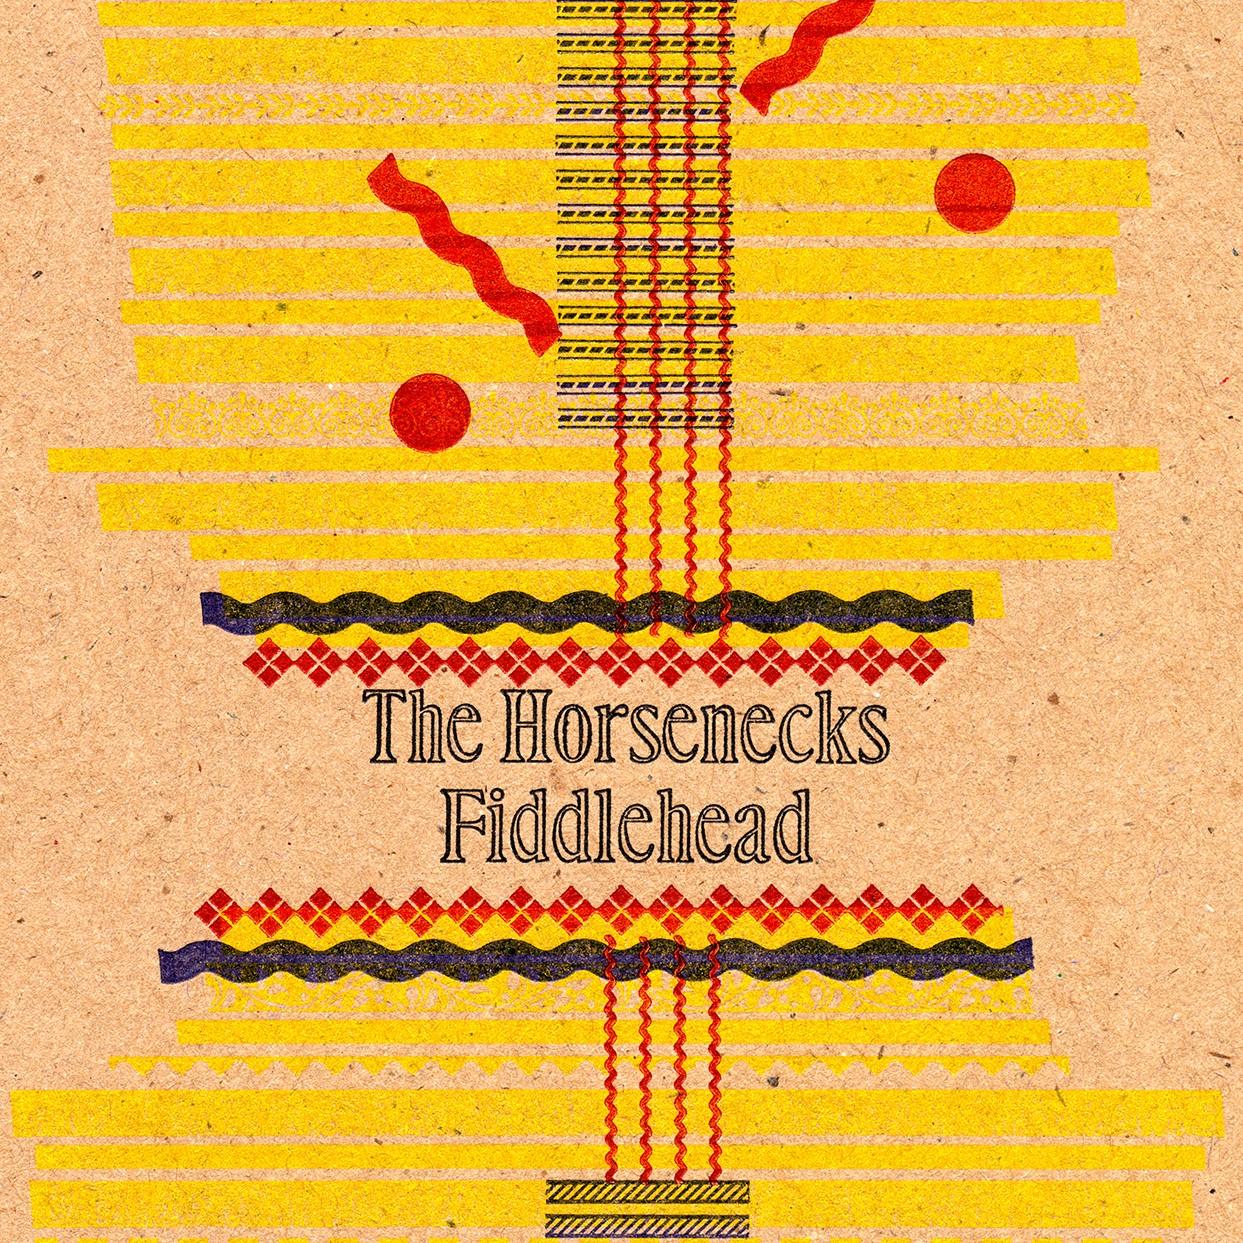 thumbnail_Horsenecks Fiddlehead.jpg